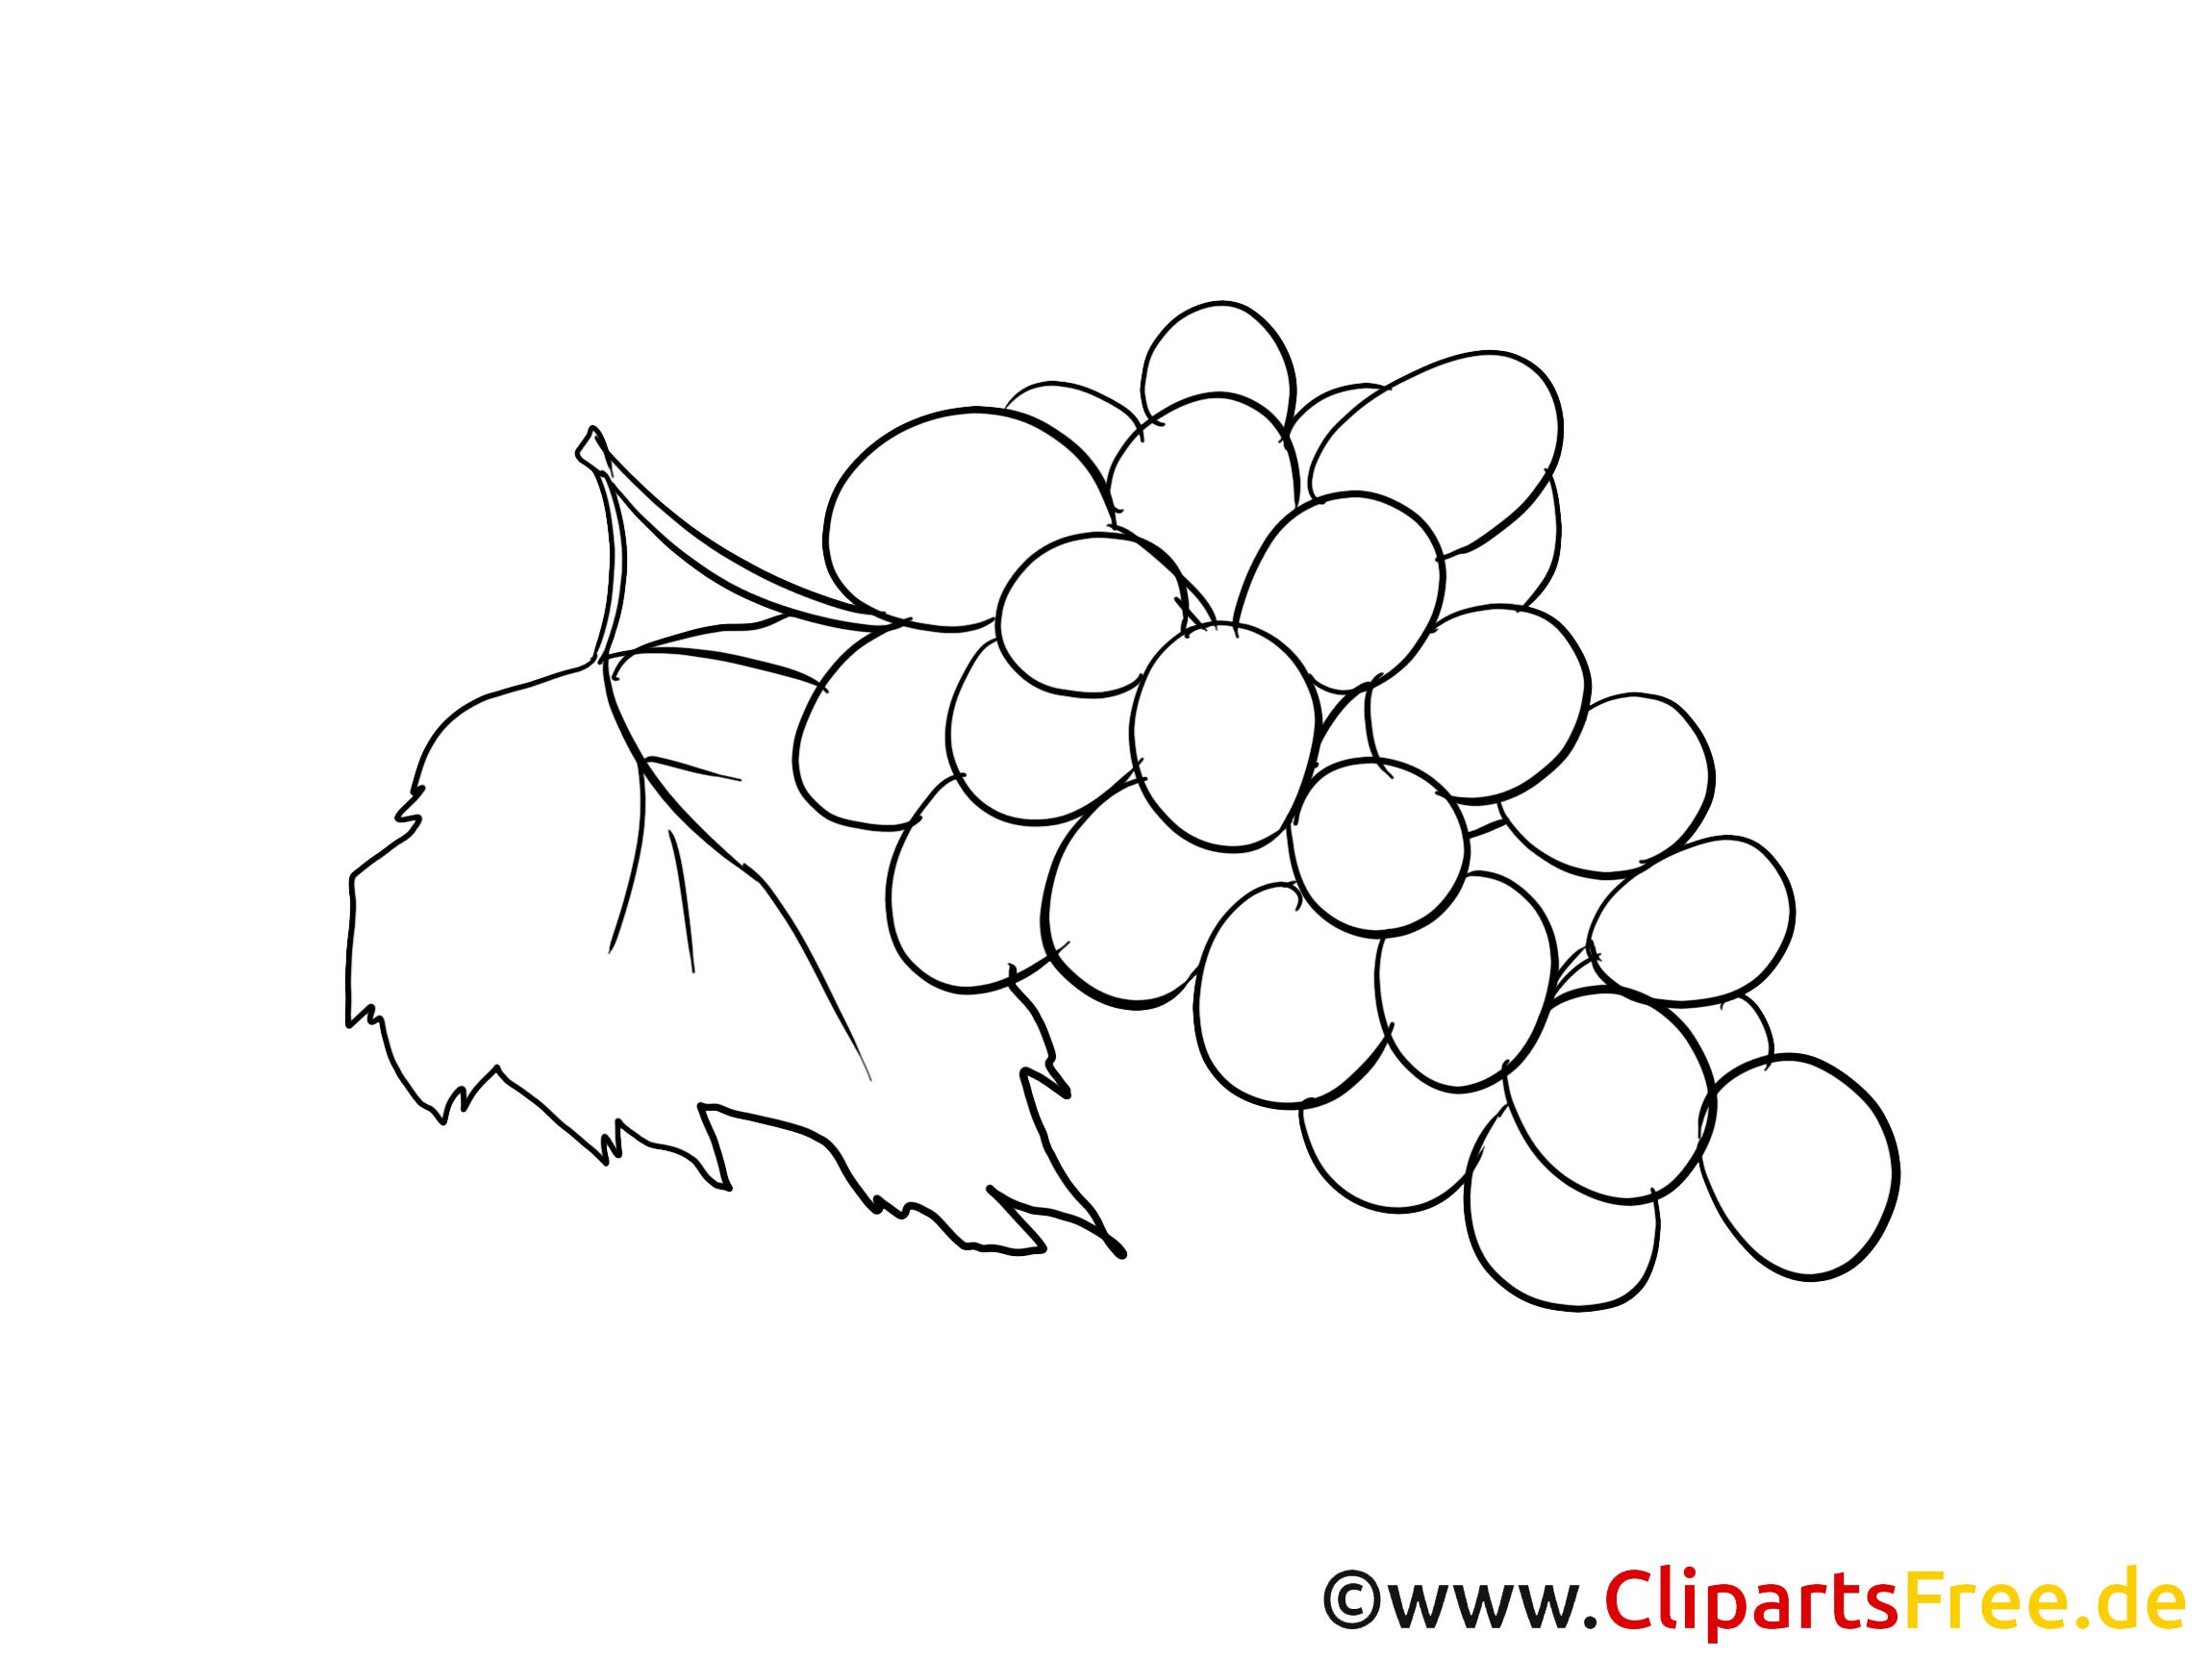 clipart fruits et légumes gratuit - photo #41